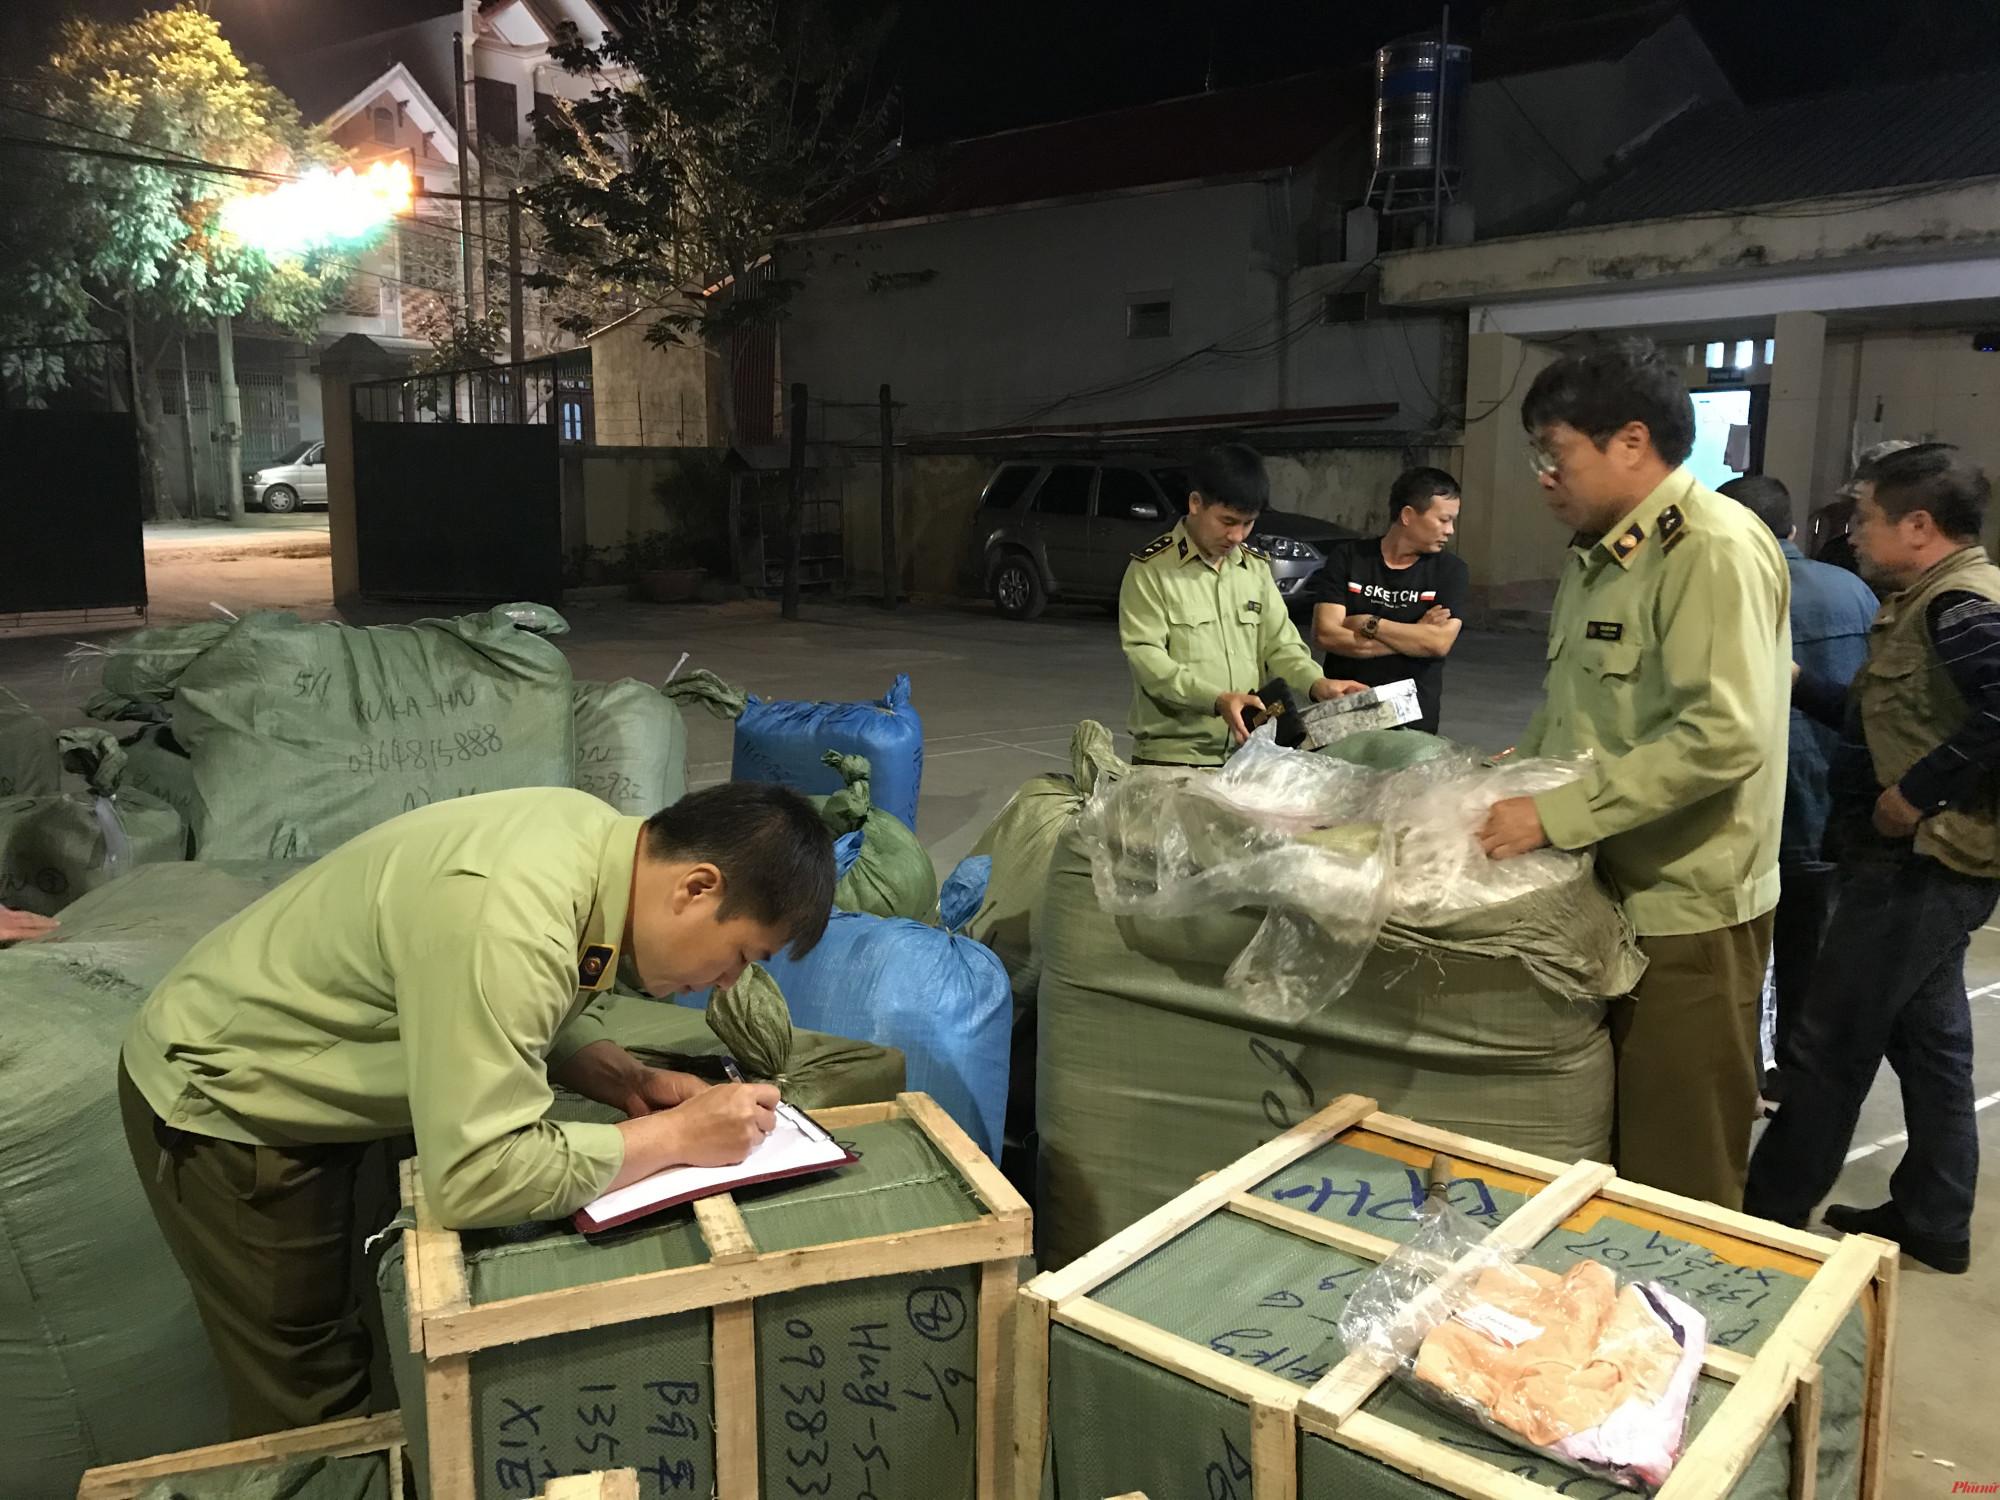 lượng lớn quần áo, giày dép, túi xách và 620 hộp phấn trang điểm do Trung Quốc sản xuất không có hóa đơn chứng từ